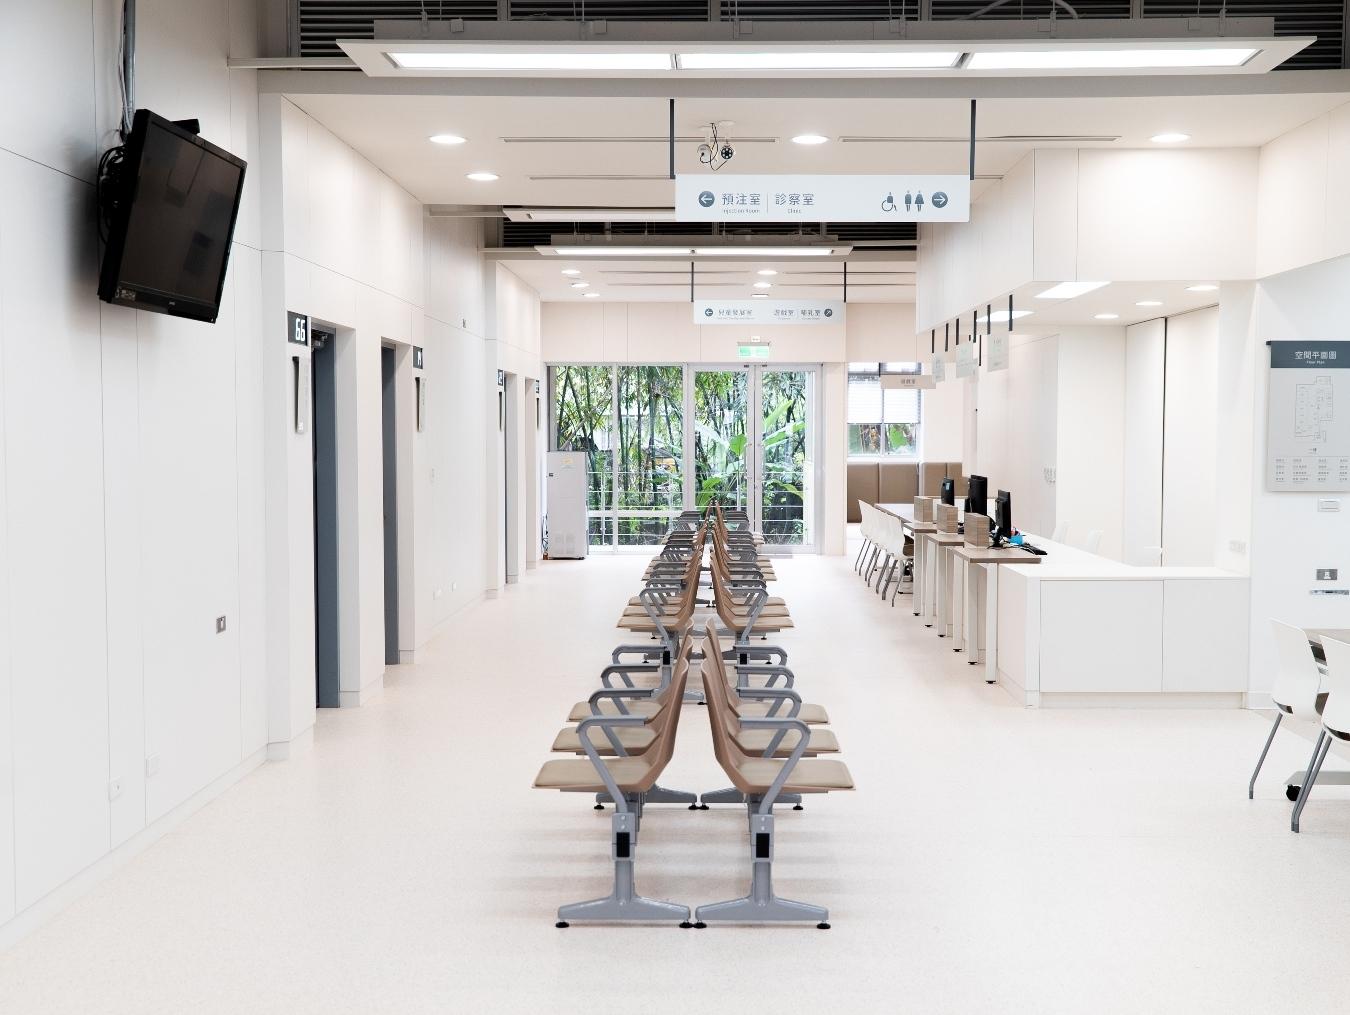 衛生所再設計 打造一致、安心、專業的公衛服務現場